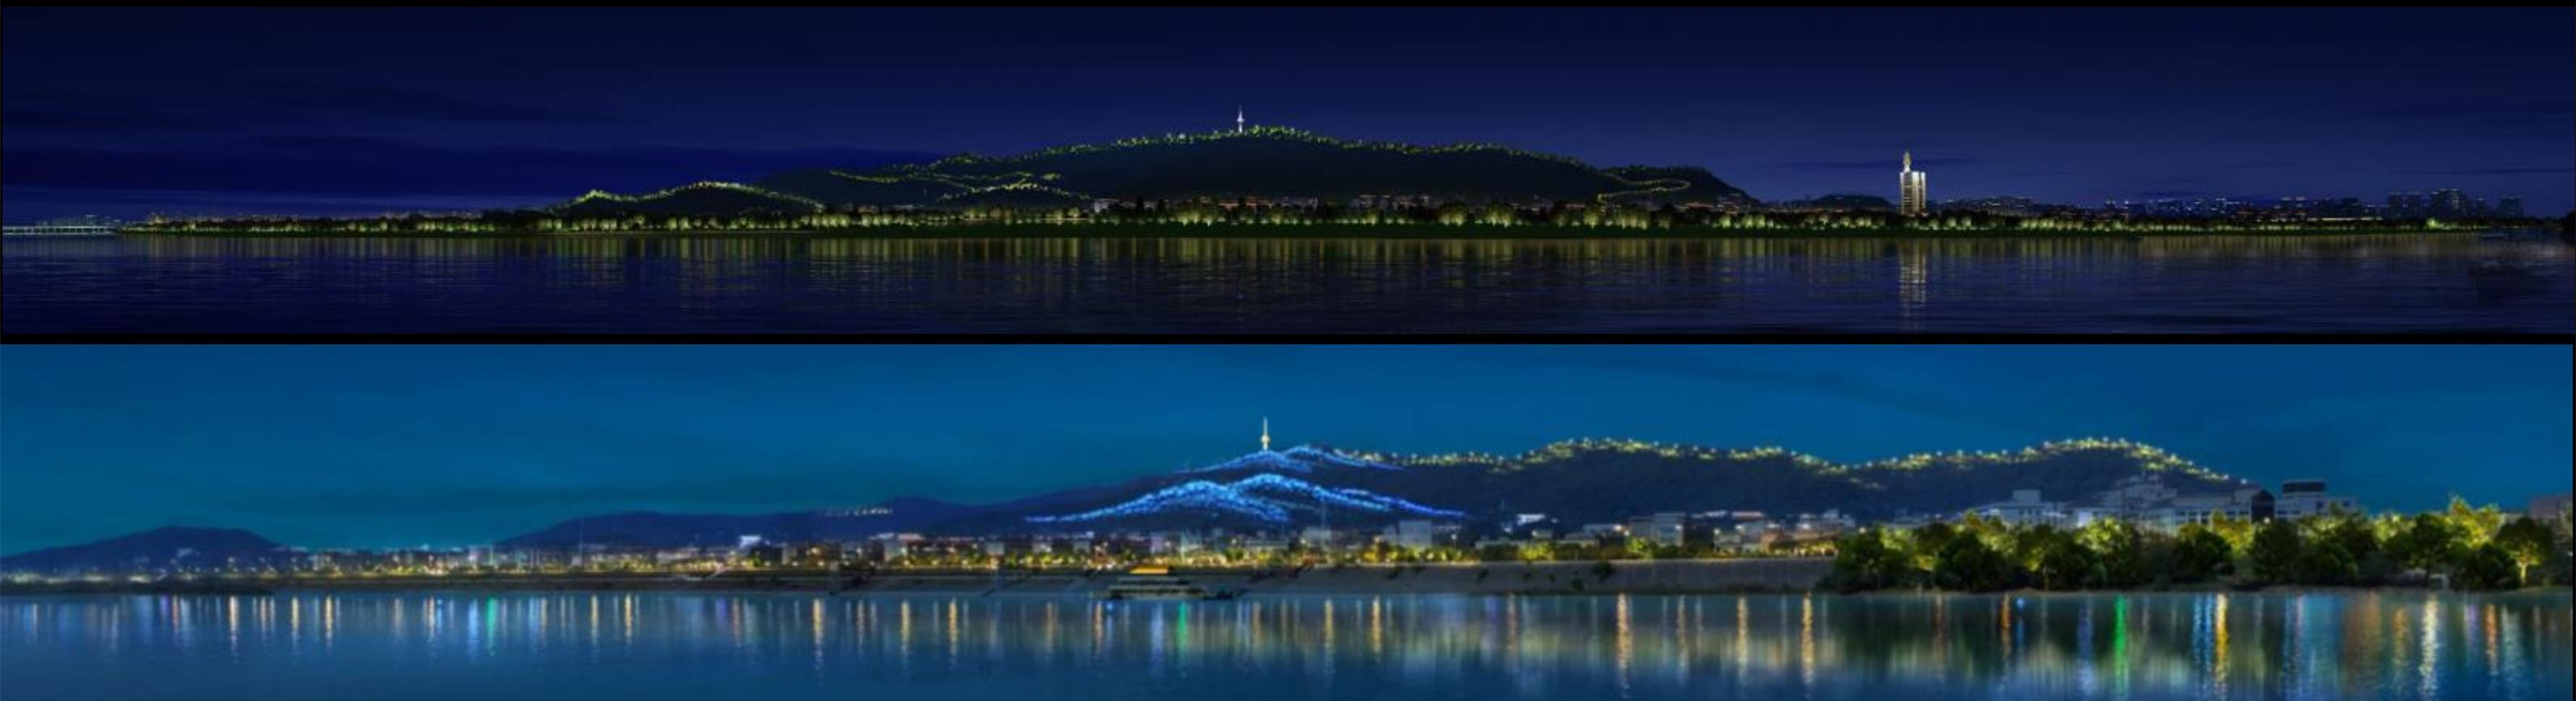 长沙将对三汊矶大桥至黑石铺大桥全长约20公里湘江两岸城市照明设施进行补齐性提质升级。图为岳麓山现状与提质后效果对比图。均为资料图片